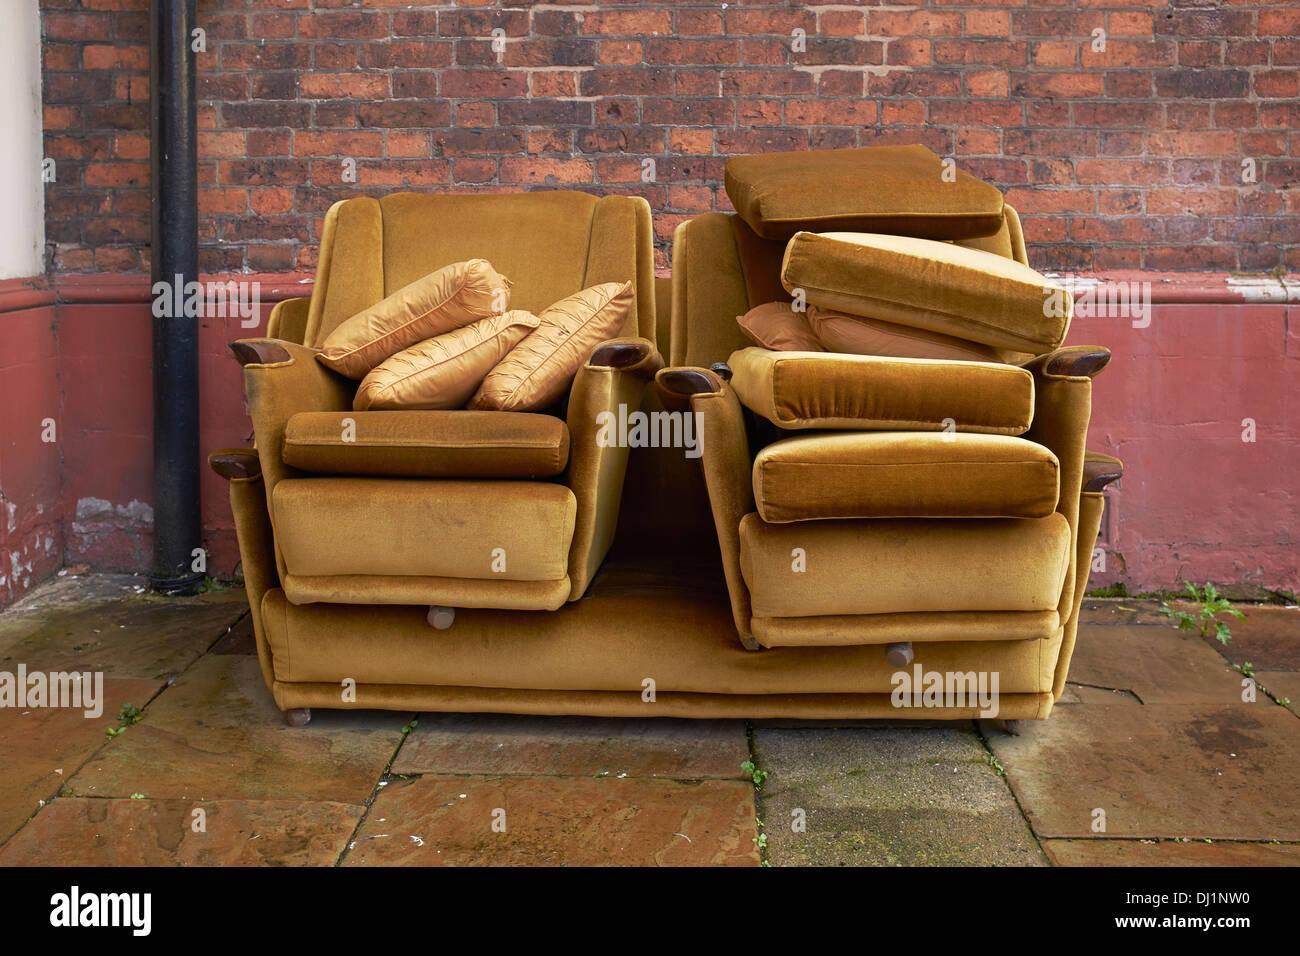 Vecchio divano a sinistra fuori sotto la pioggia Immagini Stock